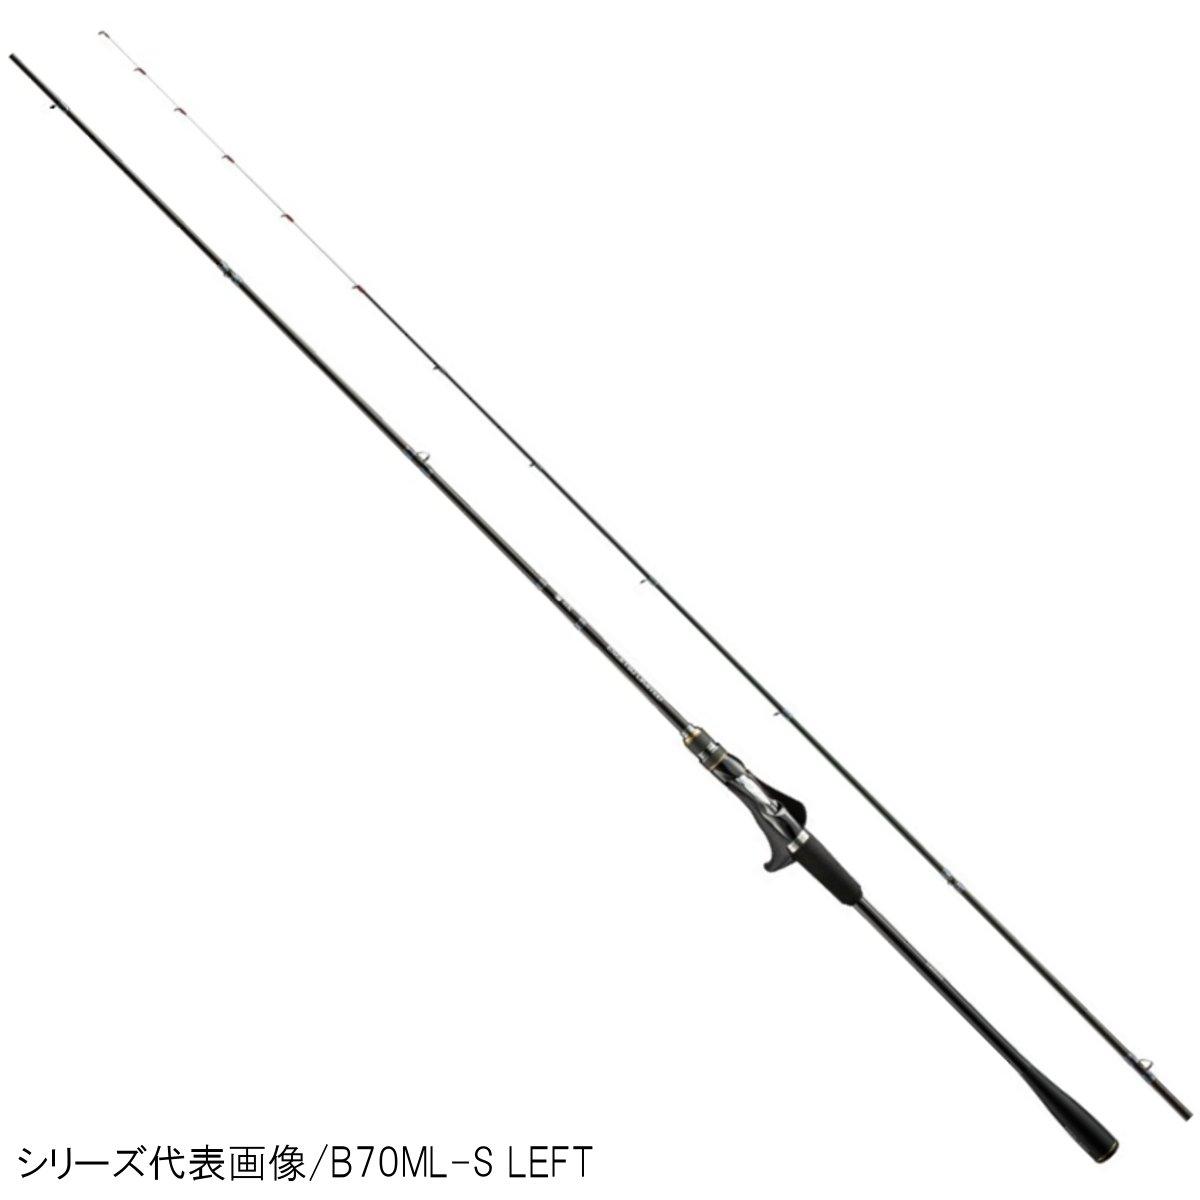 シマノ 炎月 リミテッド B70ML-S RIGHT【大型商品】